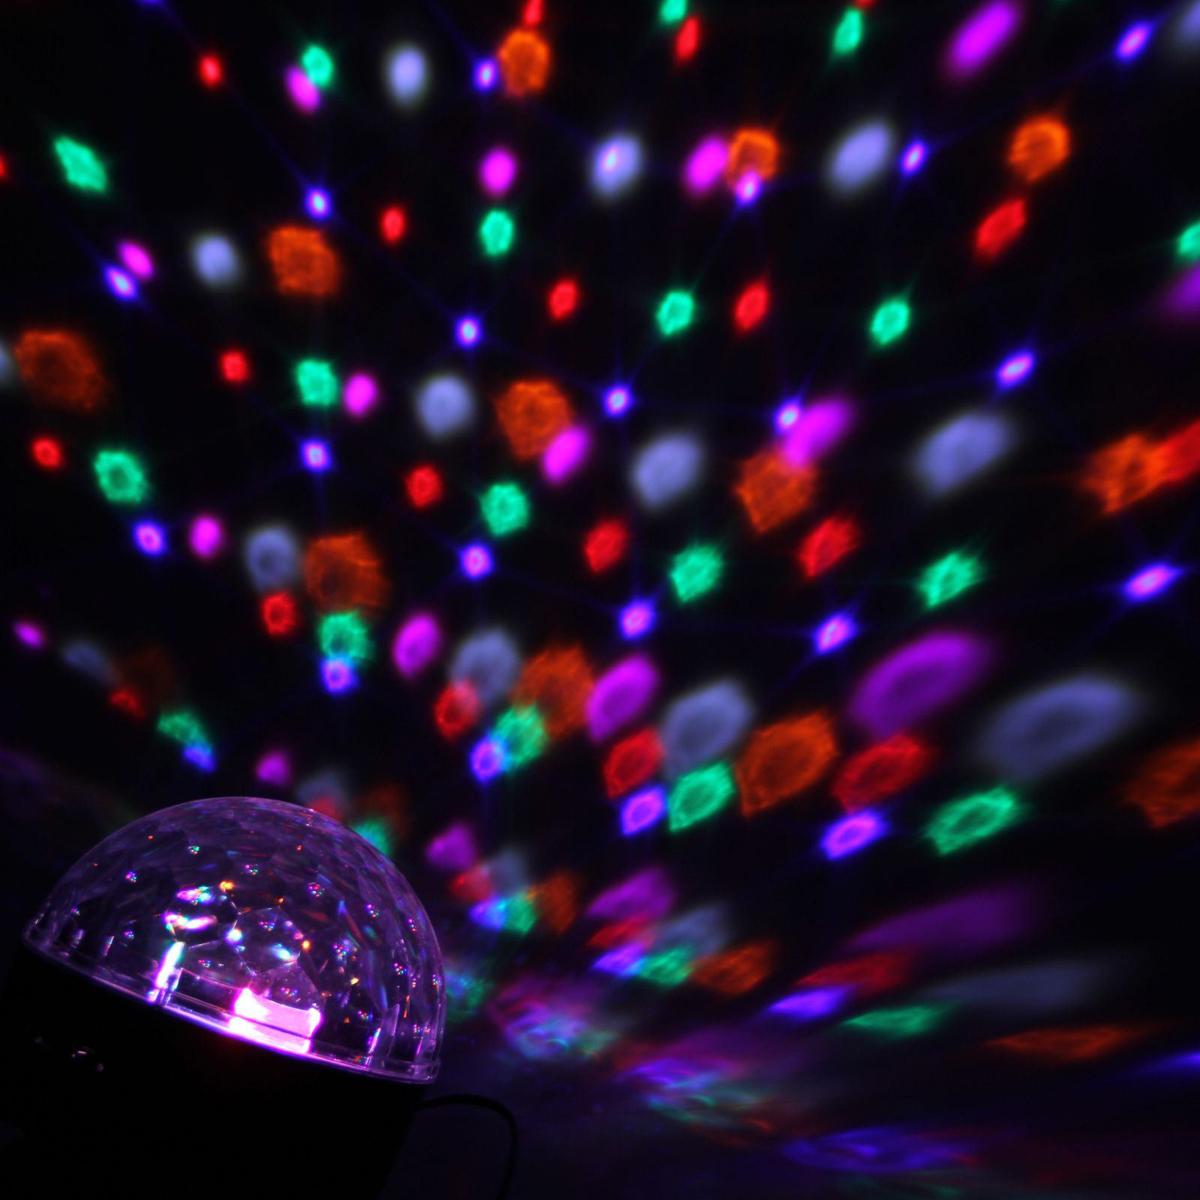 Световой прибор Luazon Хрустальный шар, диаметр 17,5 см, с музыкой, Bluetooth, V2201353036Светодиодные гирлянды, ленты и т.д — это отличный вариант для новогоднего оформления интерьера или фасада. С их помощью помещение любого размера можно превратить в праздничный зал, а внешние элементы зданий, украшенные ими, мгновенно станут напоминать очертания сказочного дворца. Такие украшения создают ауру предвкушения чуда. Деревья, фасады, витрины, окна и арки будто специально созданы, чтобы вы украсили их светящимися нитями.